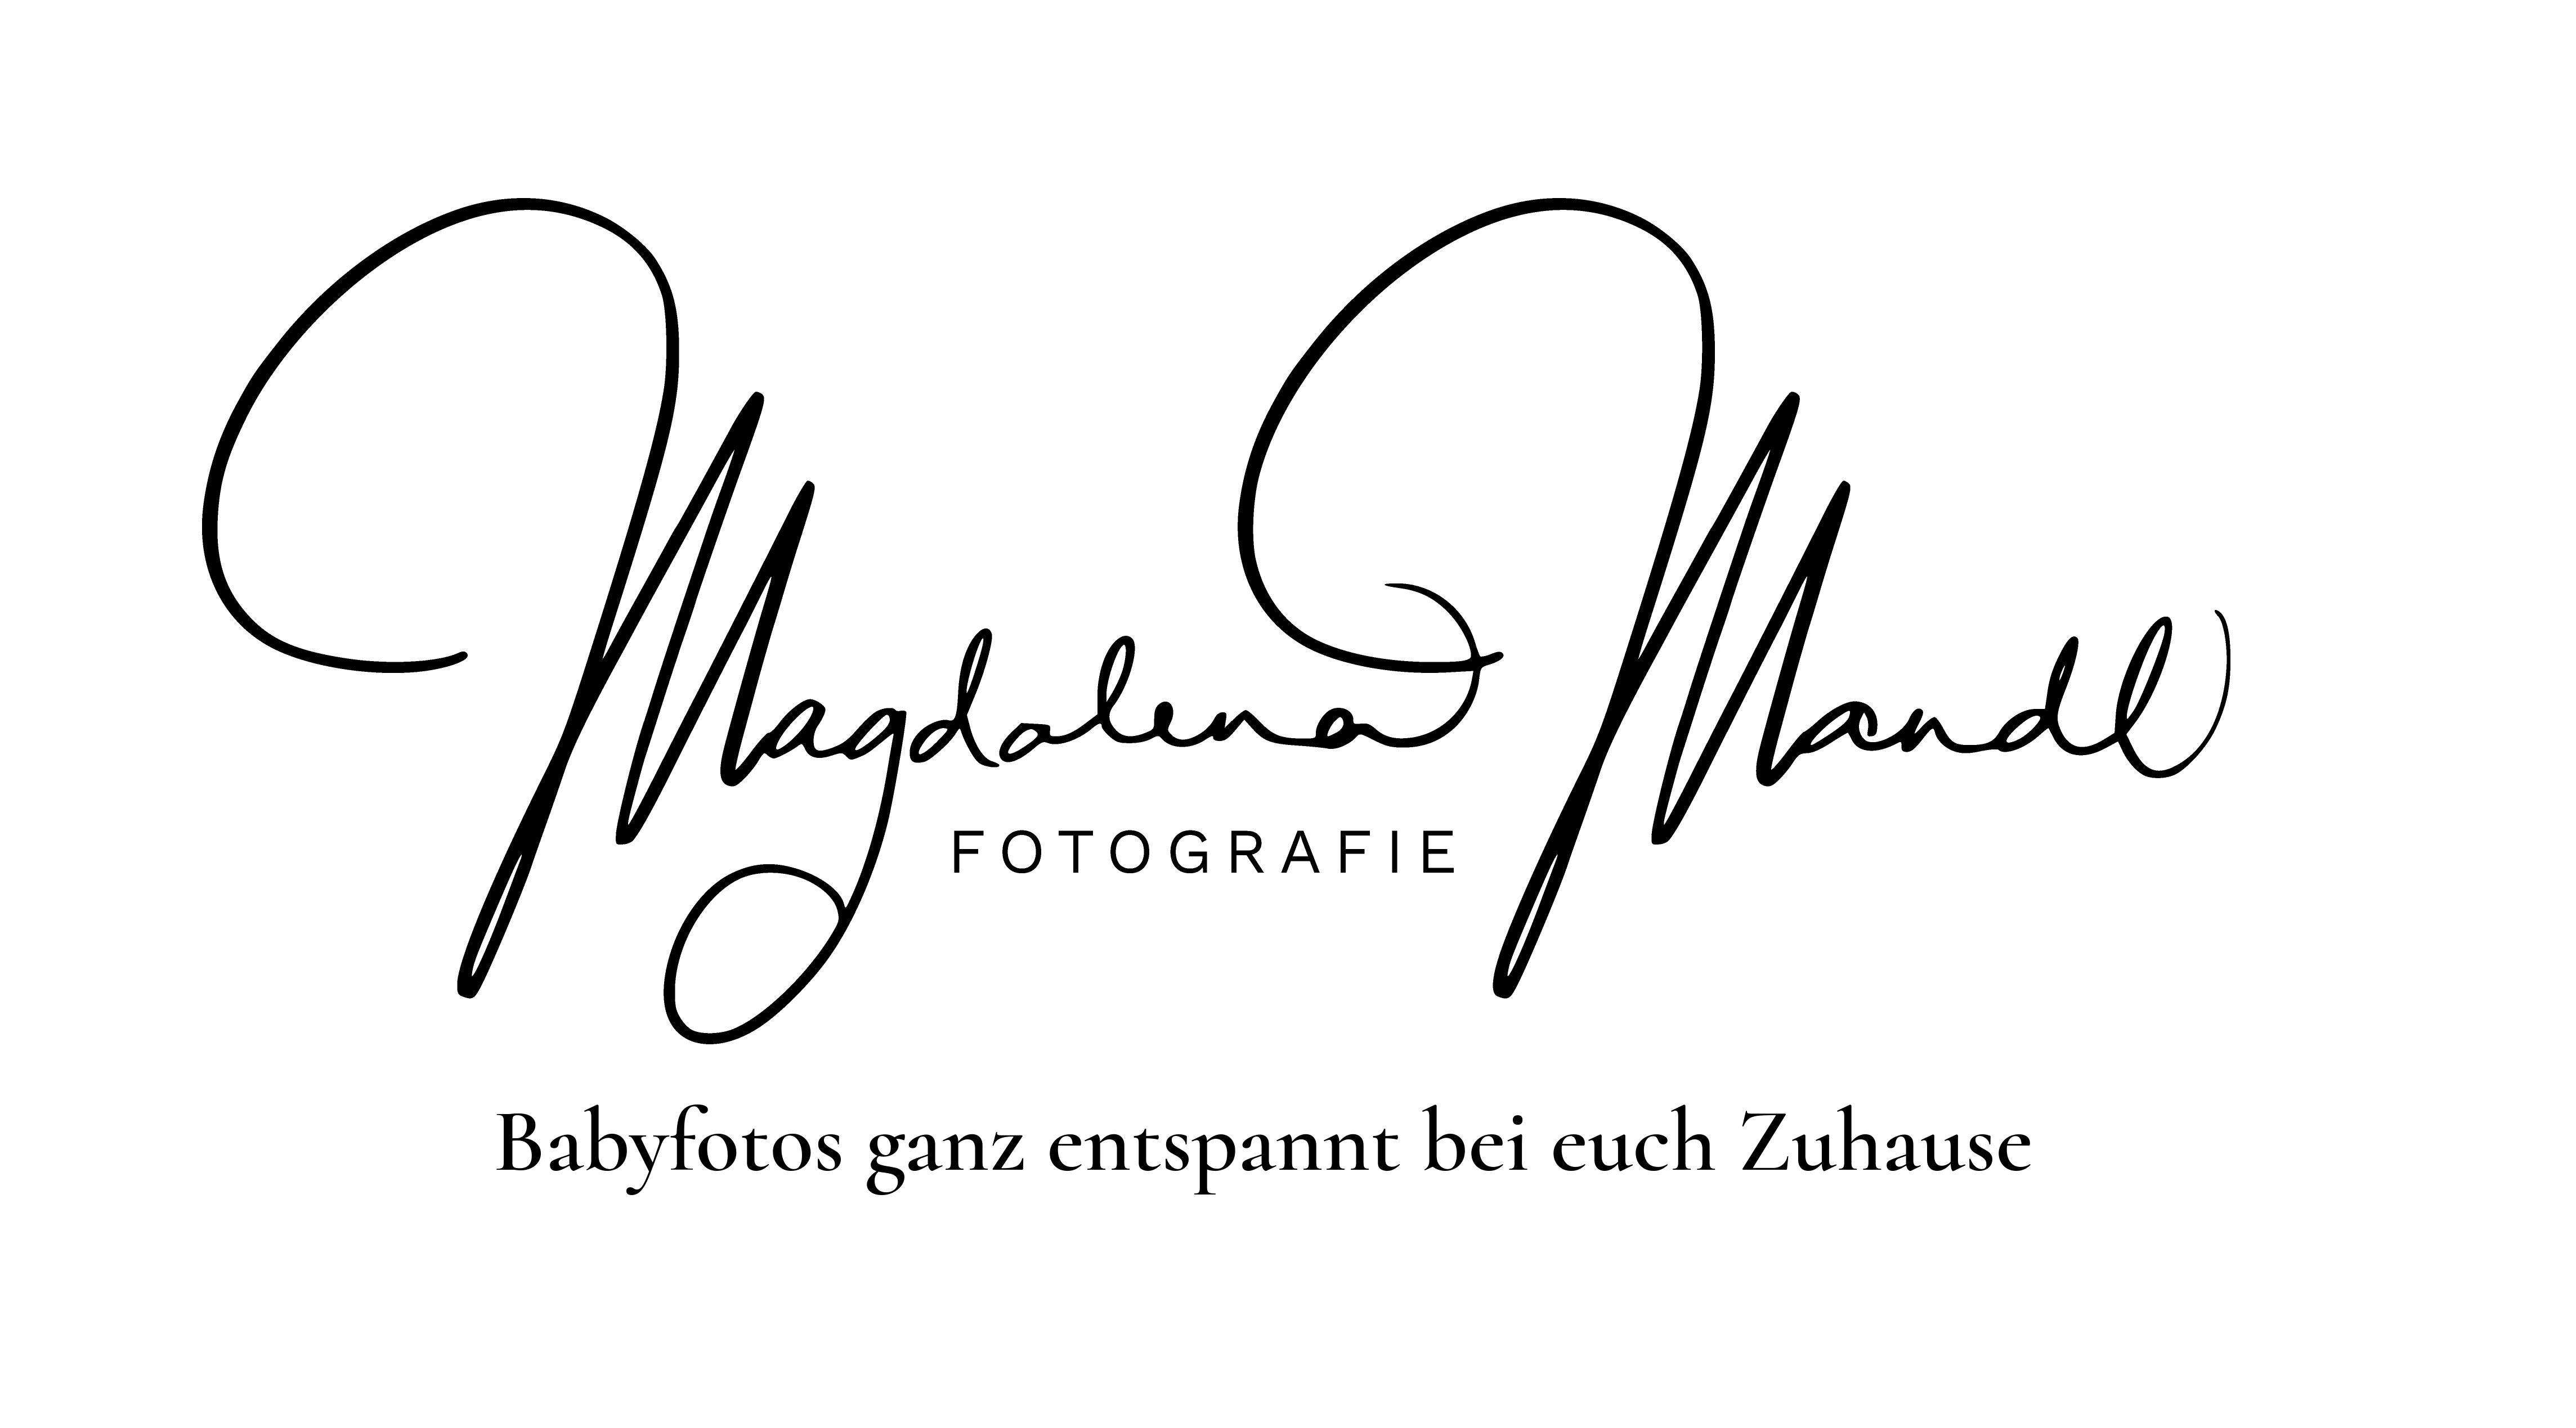 Magdalena Mandl Fotografie